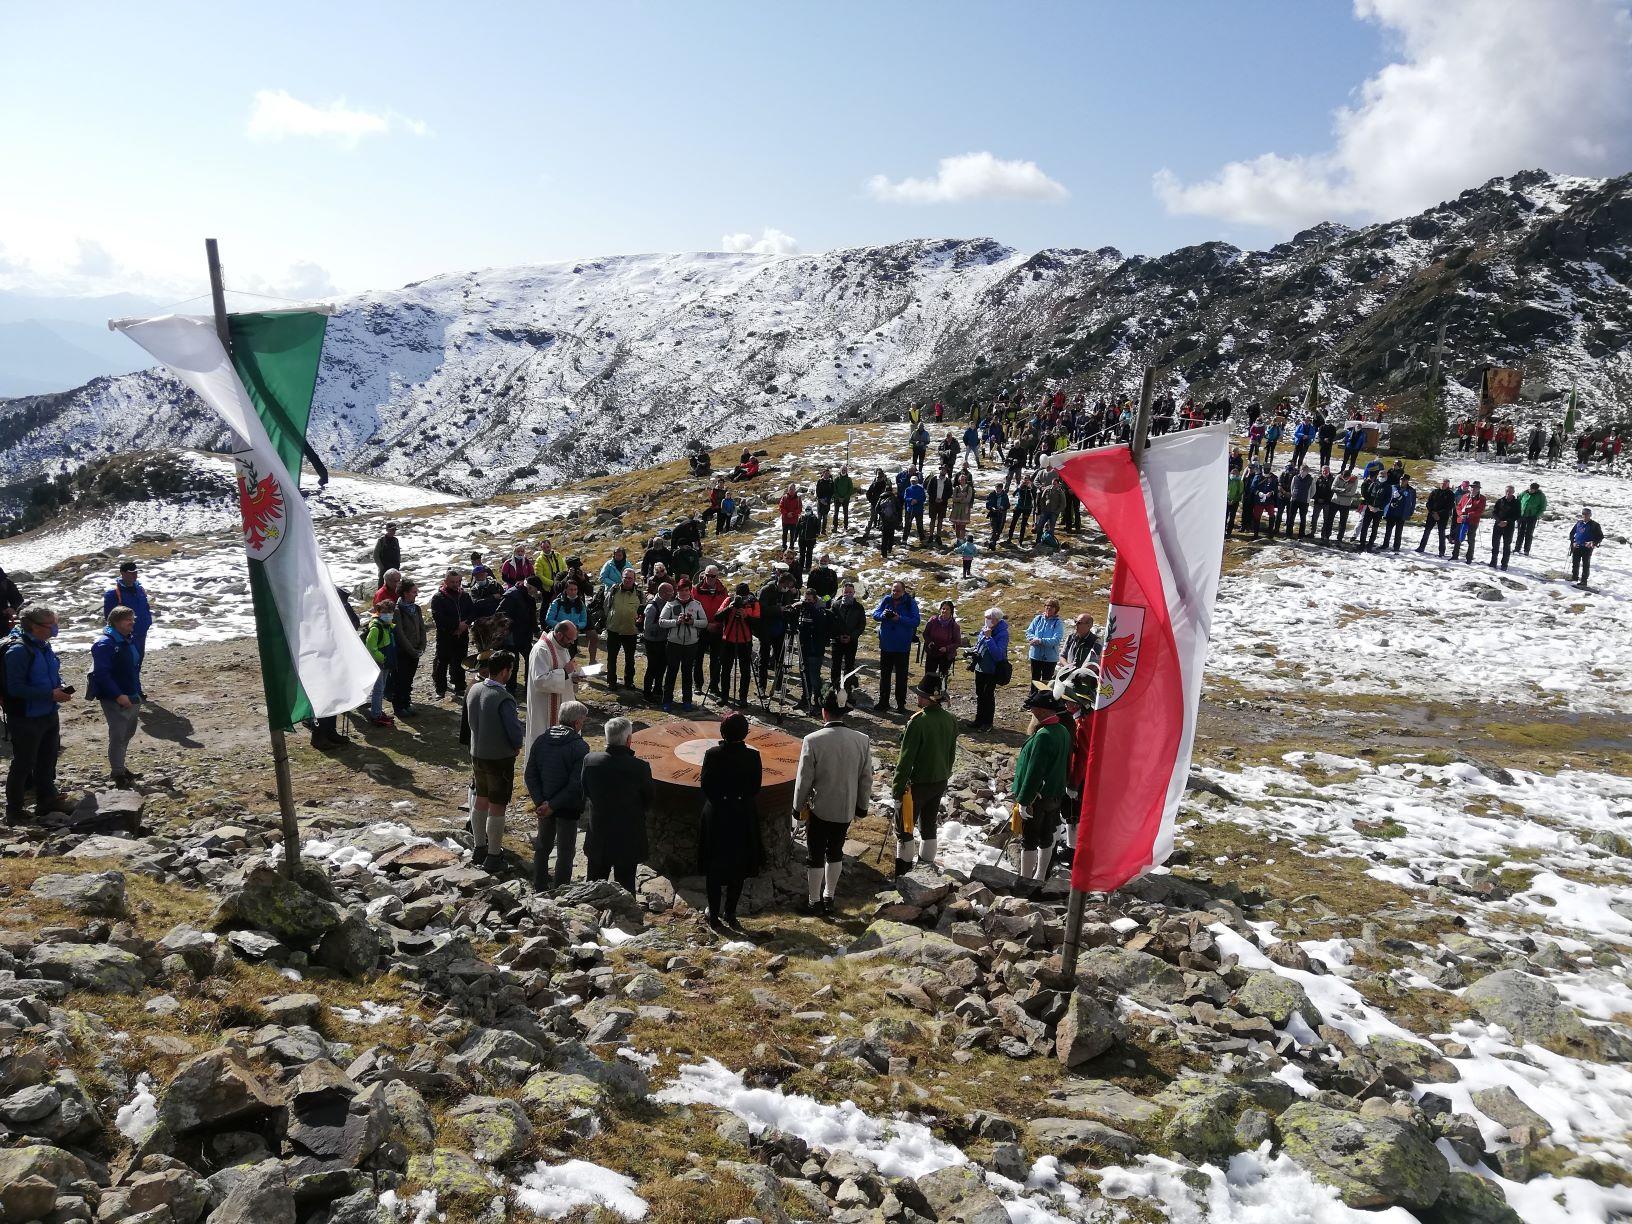 A Lazfons, sopra Chiusa, sabato 10 ottobre l'inaugurazione di un monumento al Tirolo storico, nei 100 anni dalla divisione successiva alla Grande Guerra